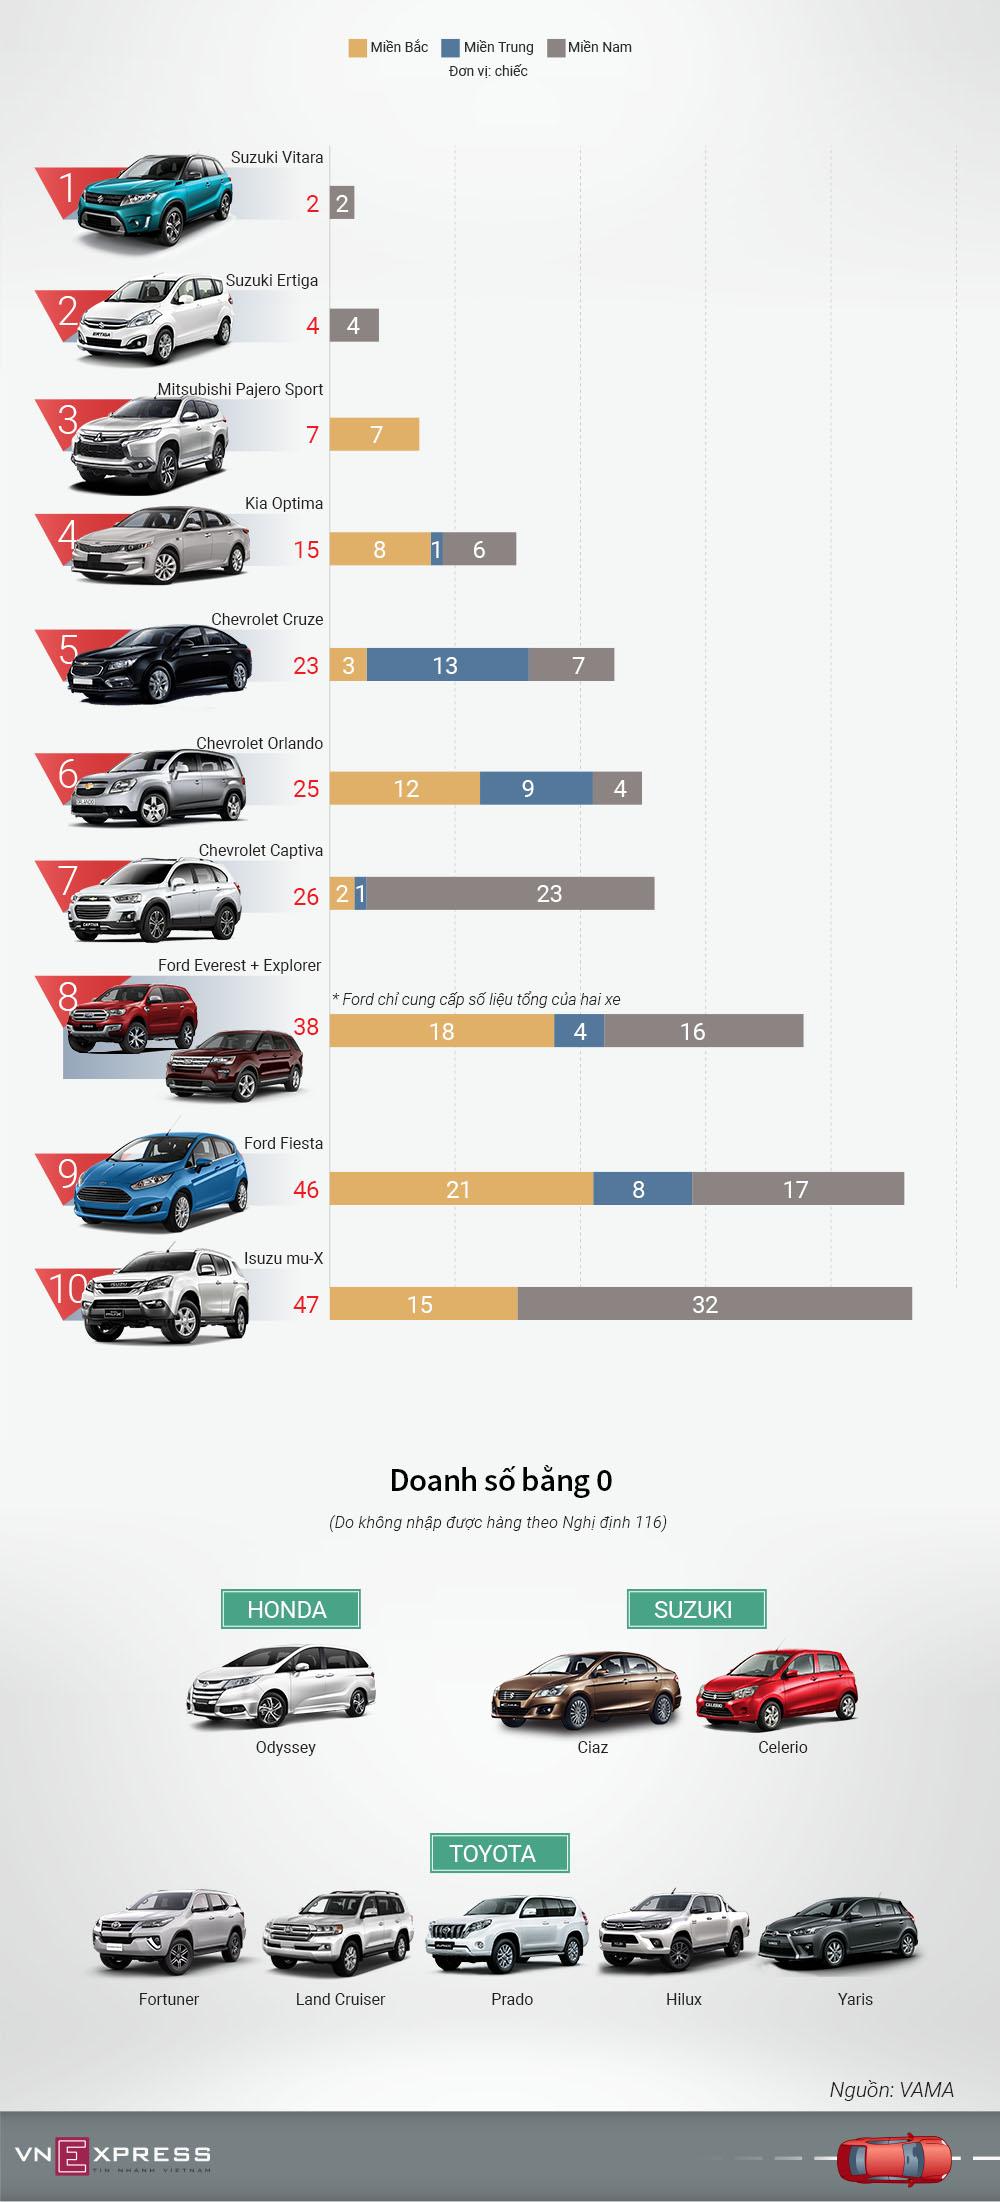 Những mẫu ôtô ít khách nhất tháng 5 tại Việt Nam